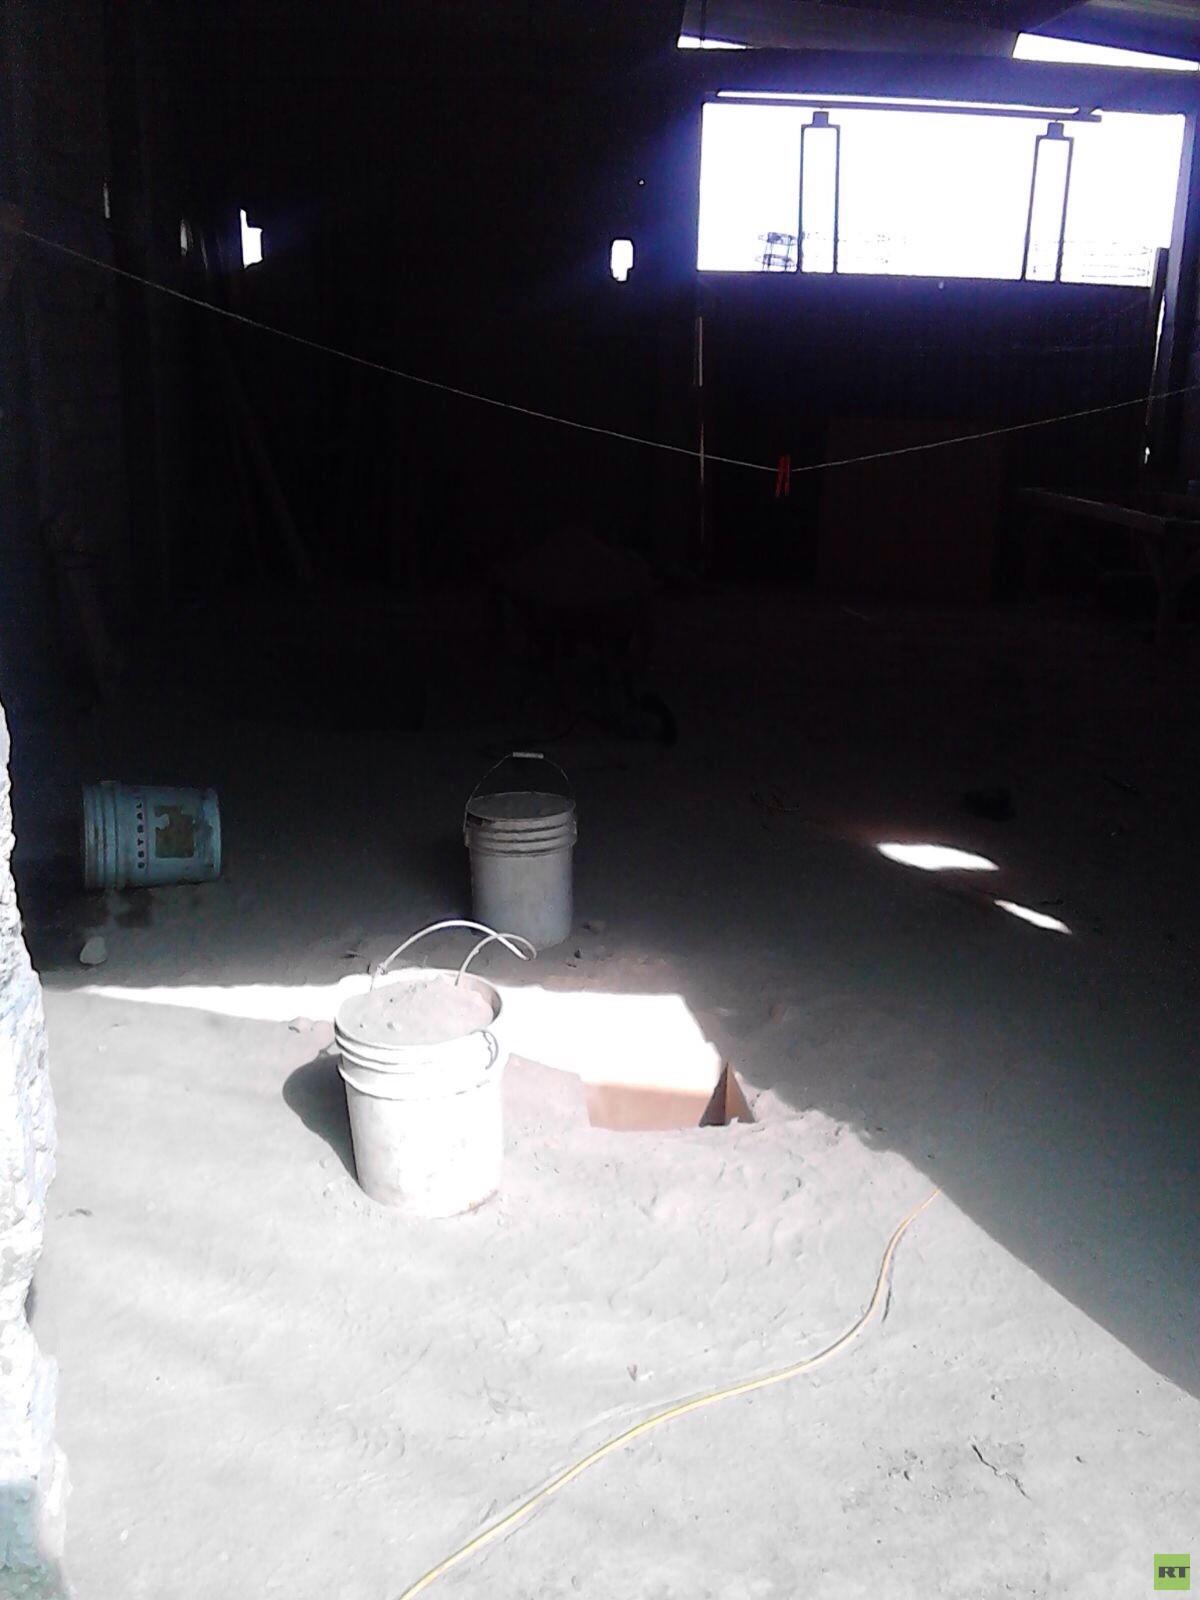 Imágenes exclusivas: Así es el túnel por el cual 'El Chapo' escapó de la prisión